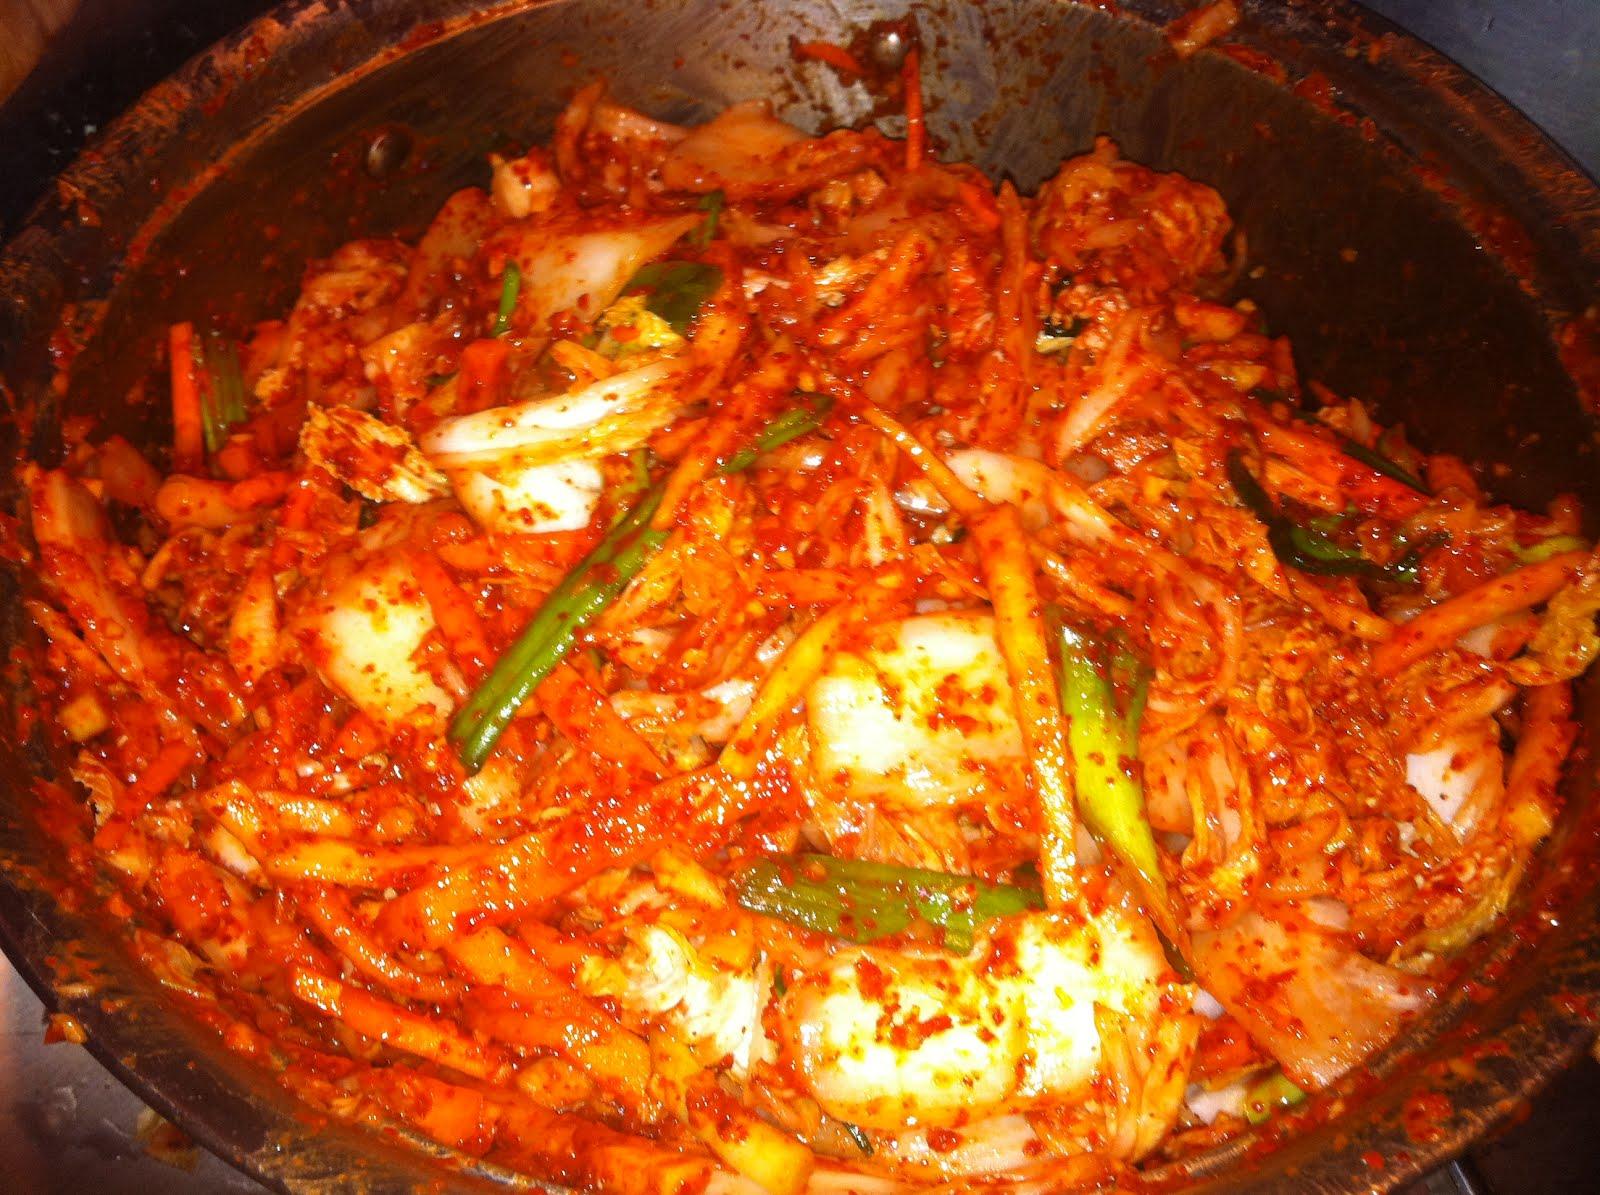 TrucVy-Zoe's Zone: Mak Kimchi - Napa Cabbage Kimchi